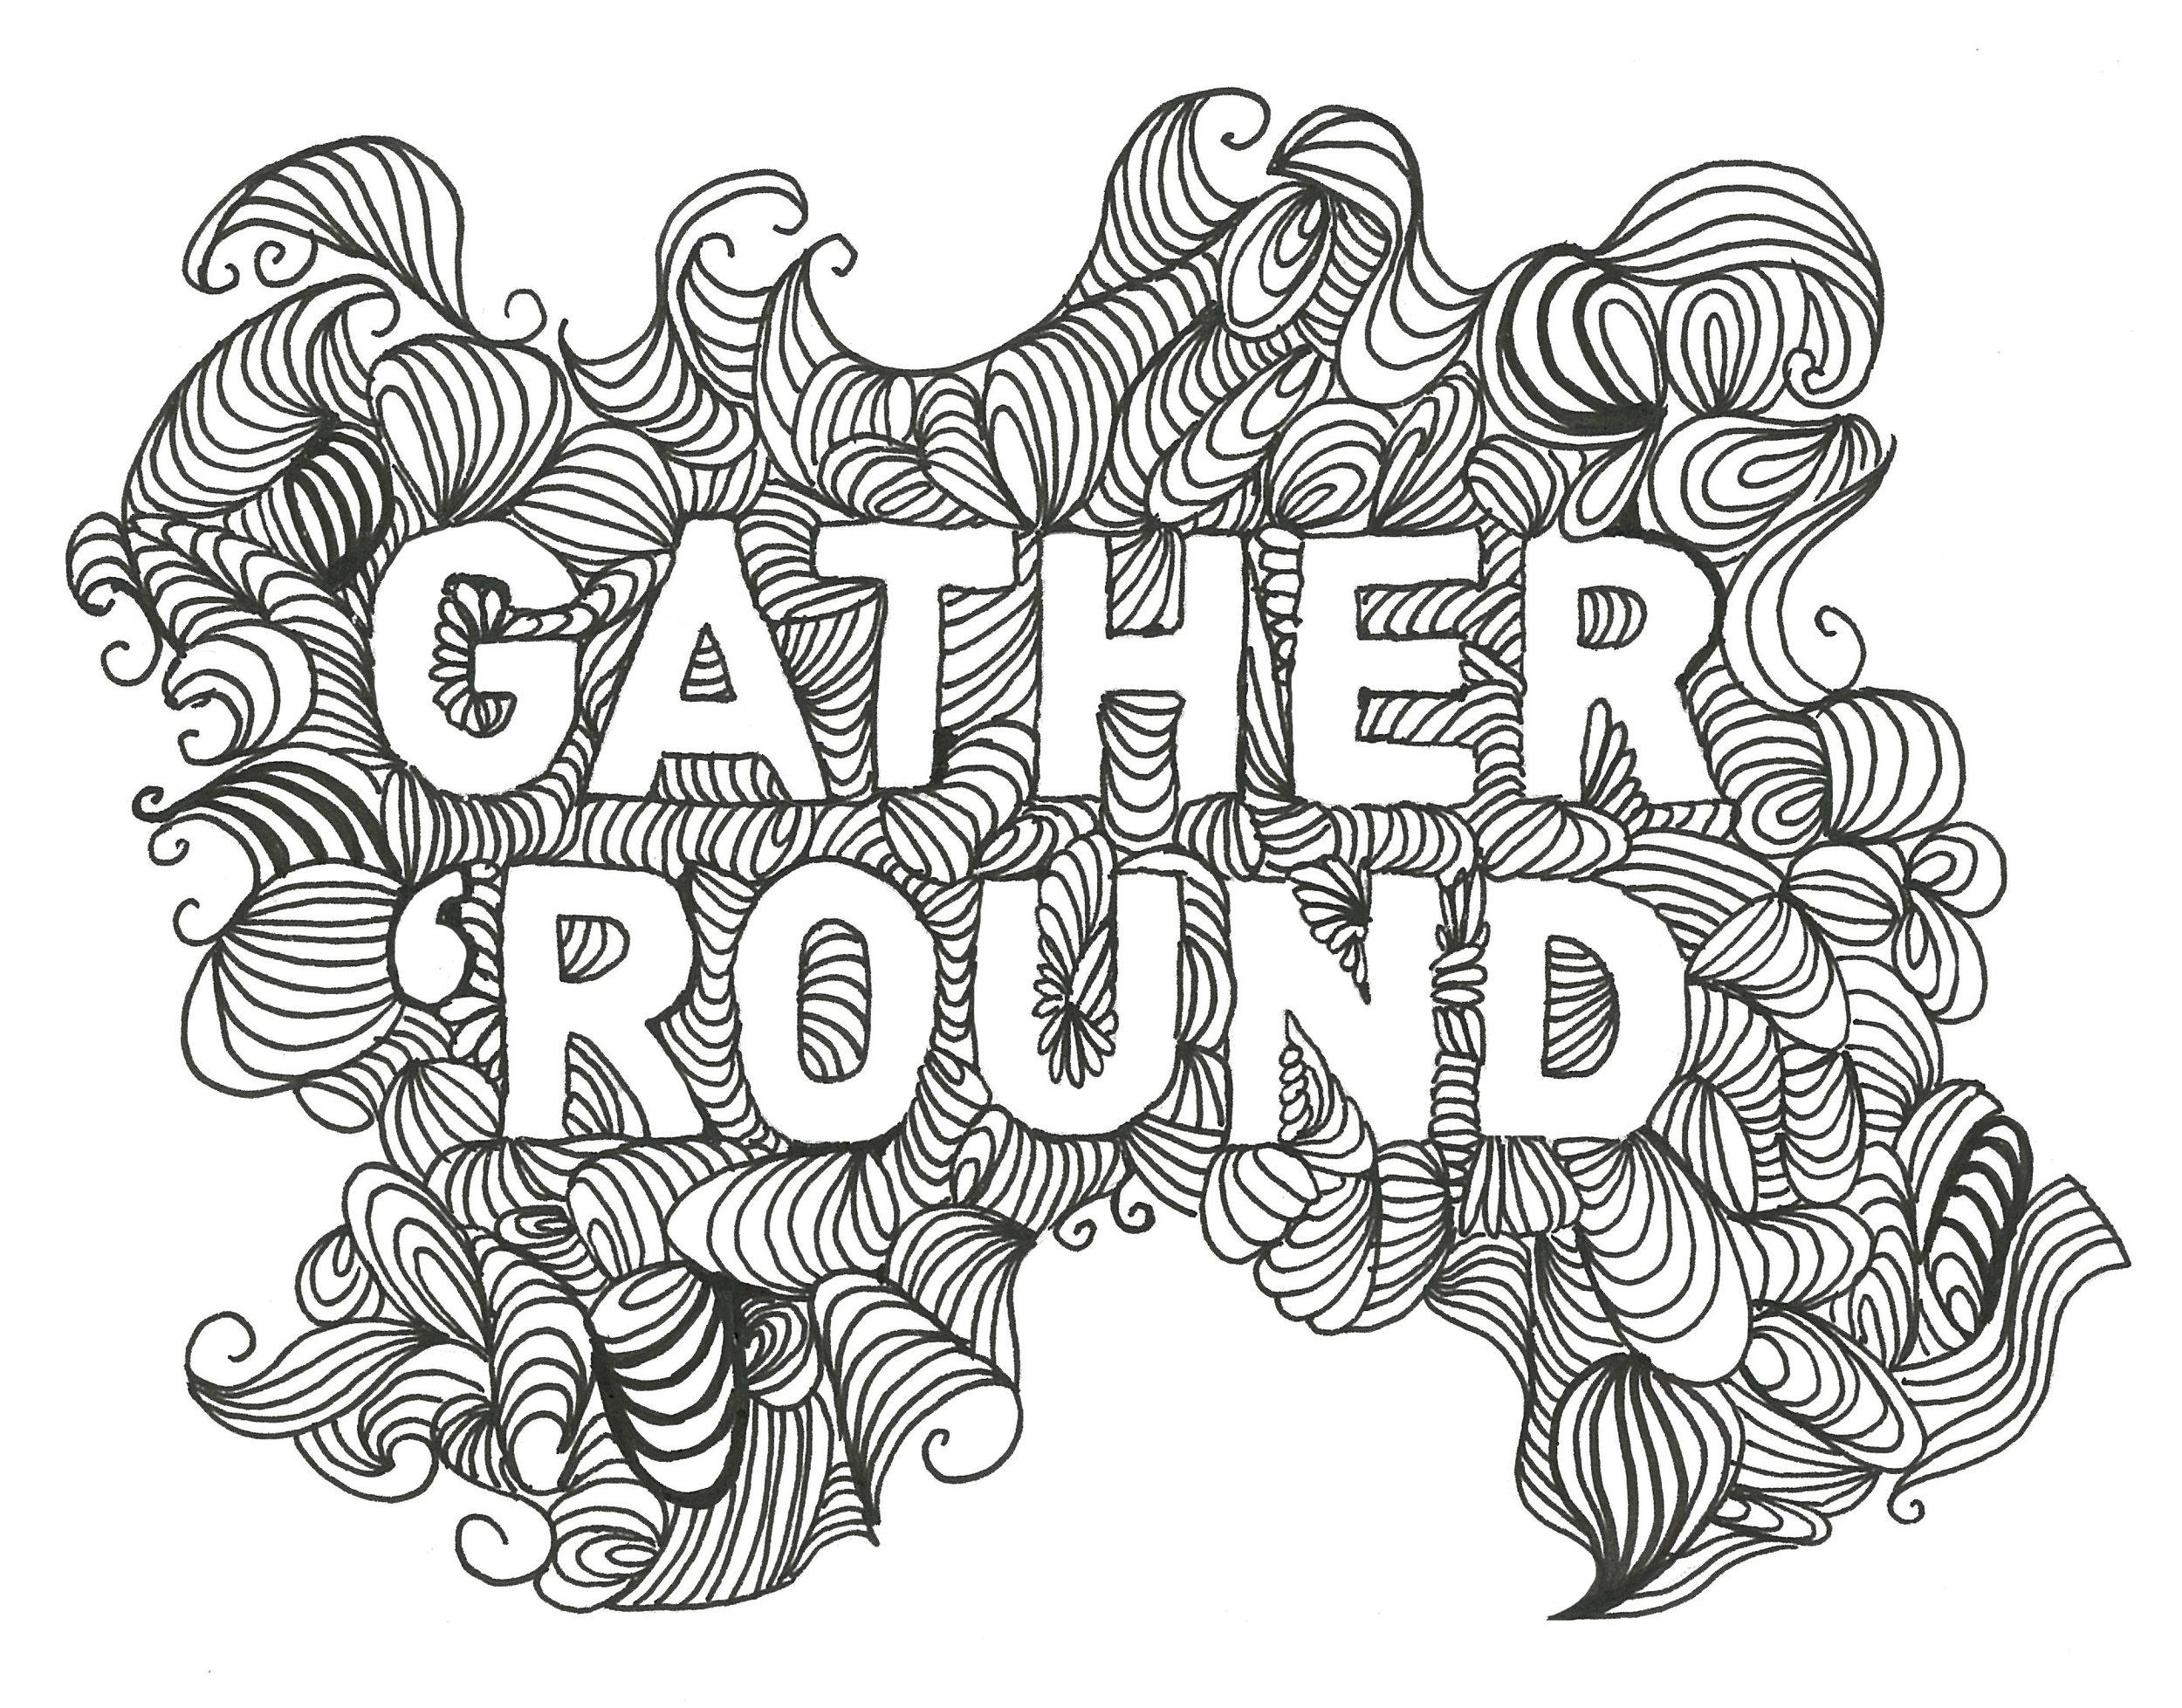 Gather_swirls_1